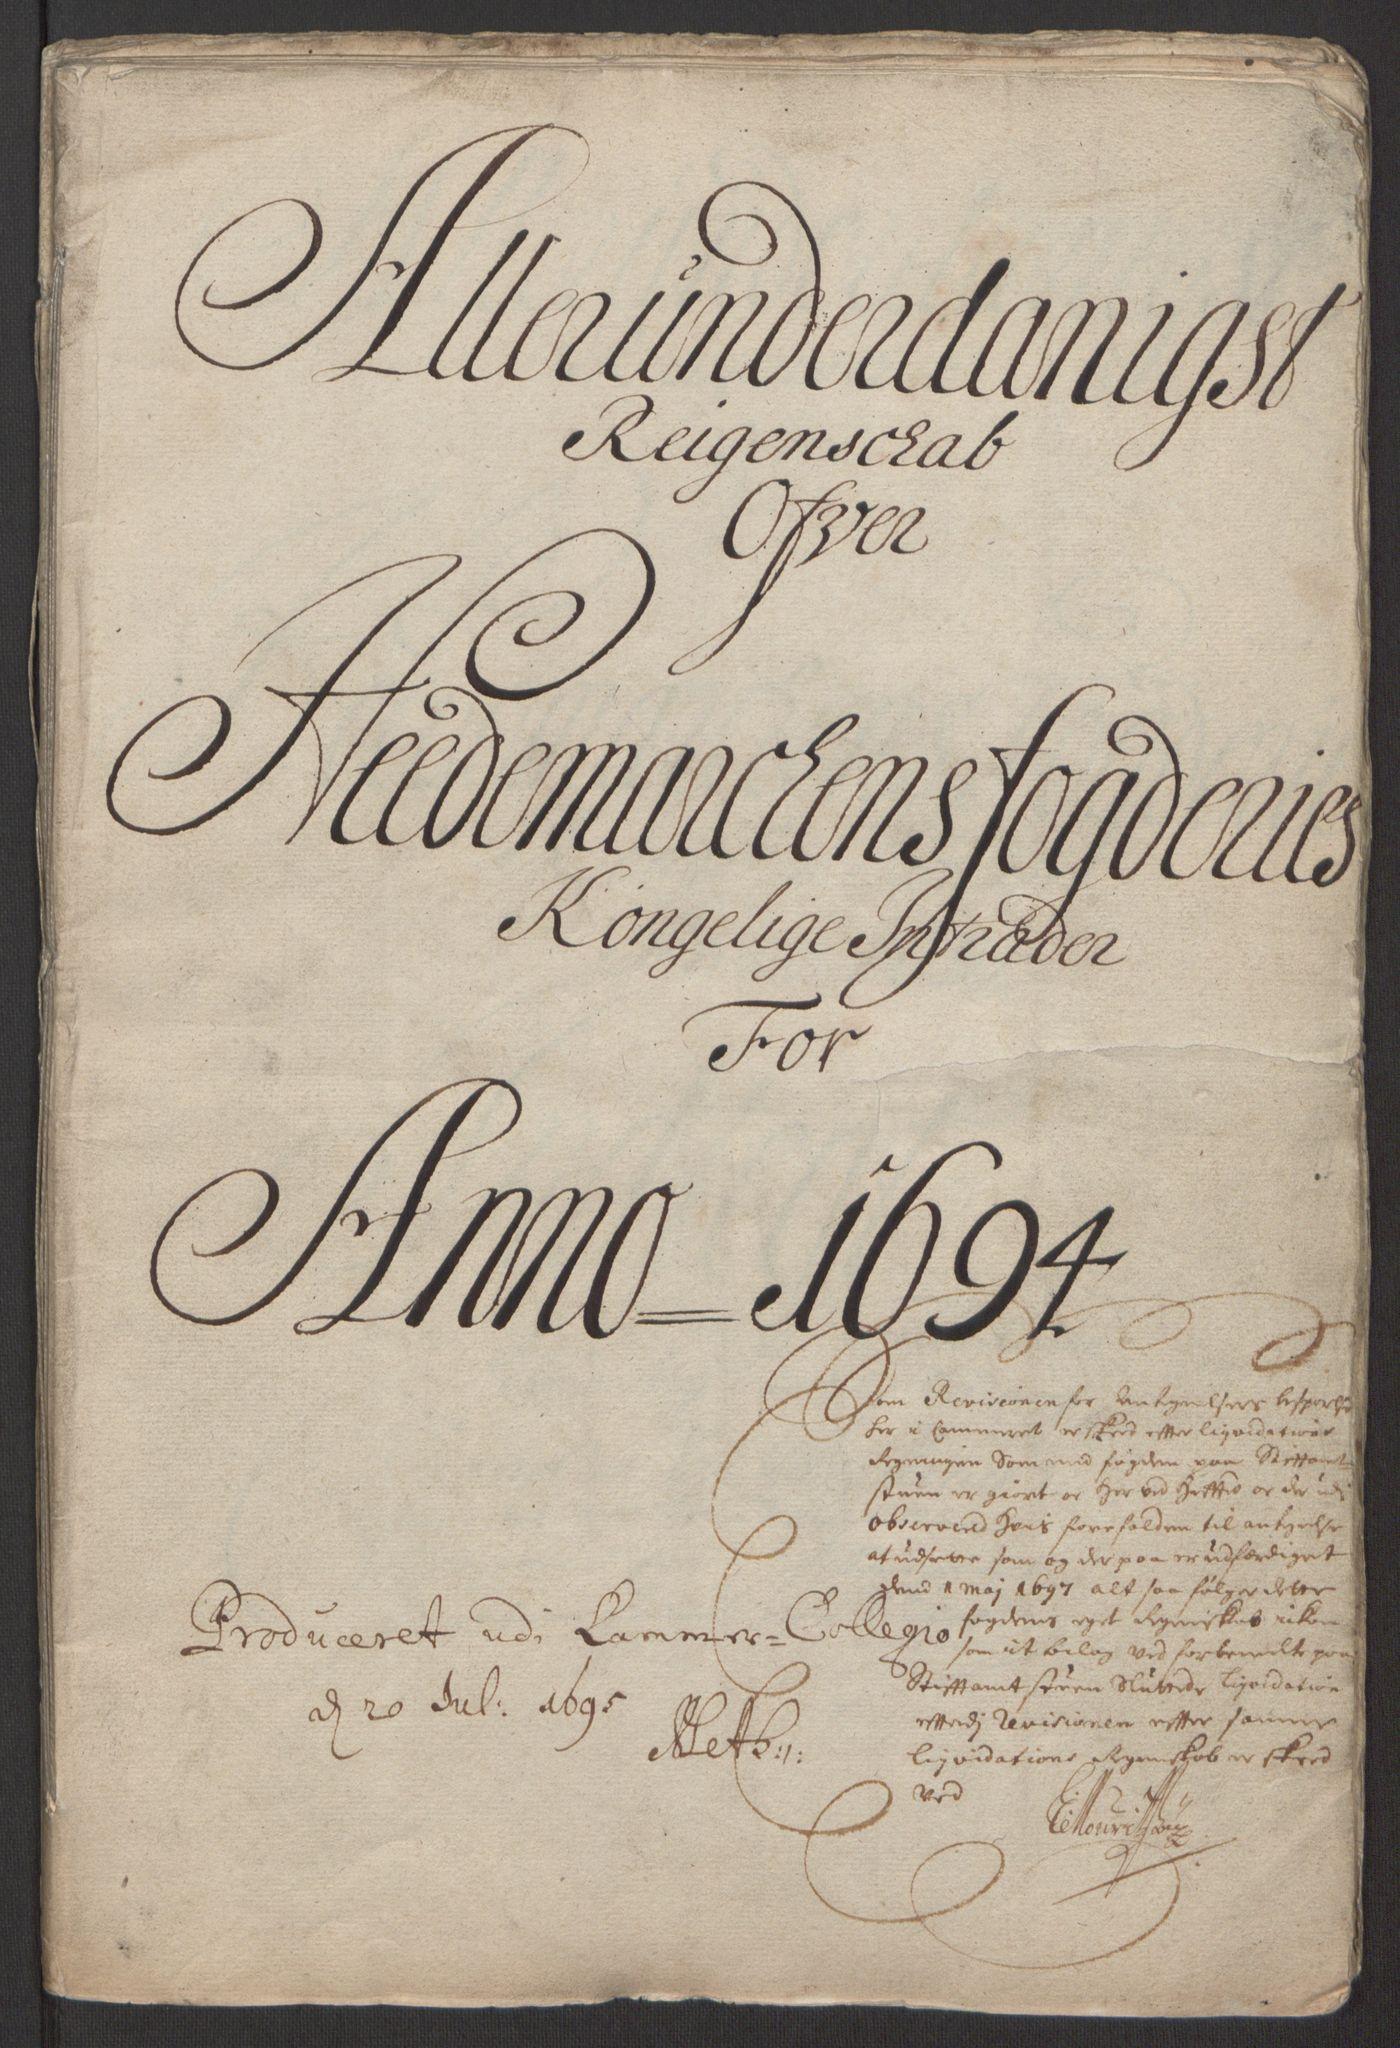 RA, Rentekammeret inntil 1814, Reviderte regnskaper, Fogderegnskap, R16/L1035: Fogderegnskap Hedmark, 1694, s. 3